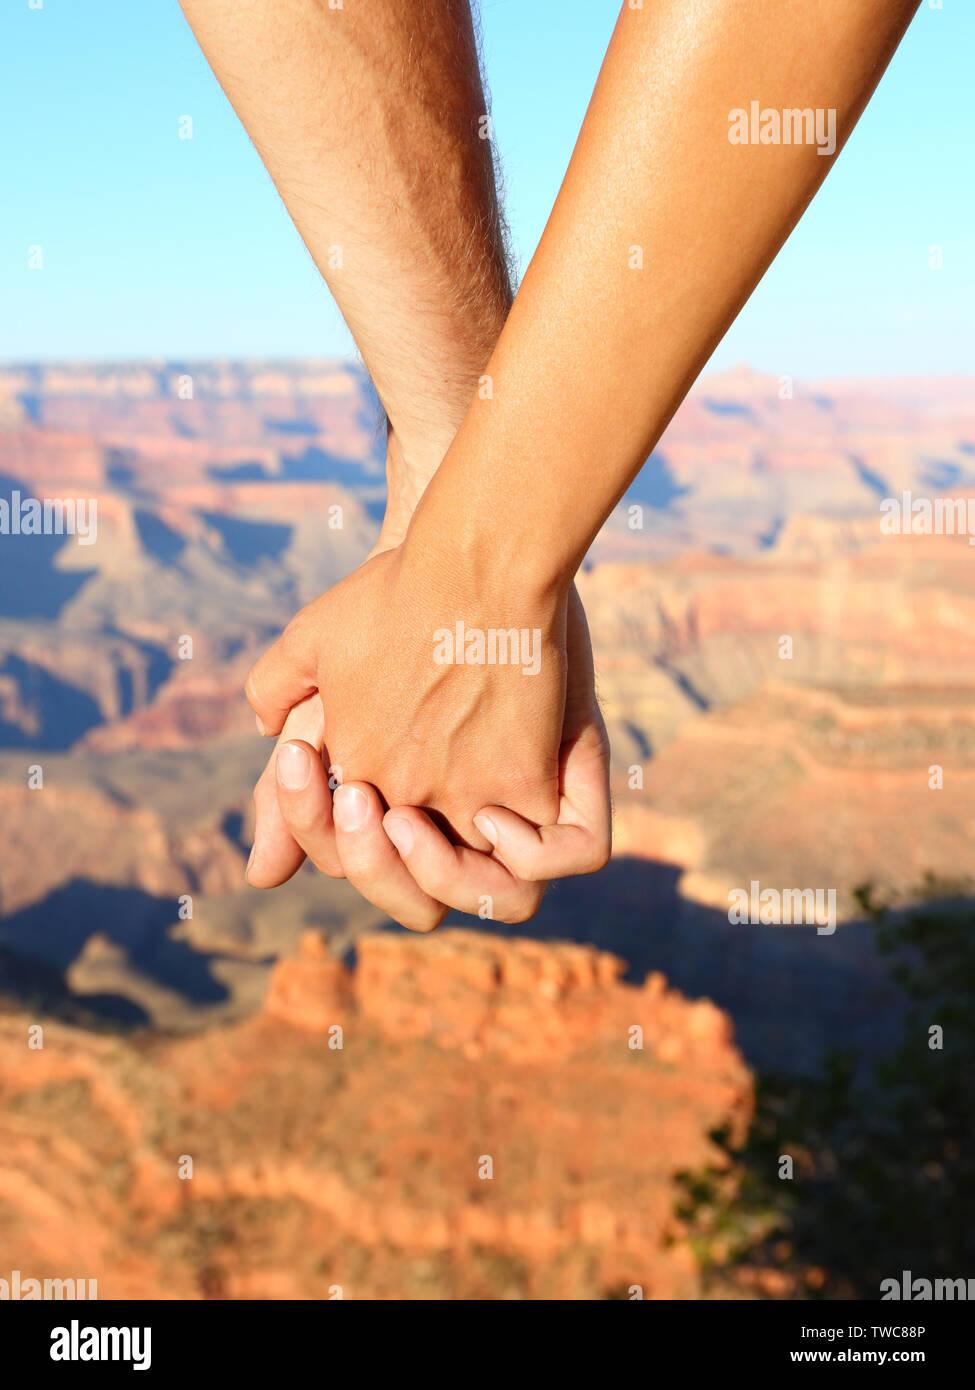 Las manos de la pareja romántica de senderismo, Grand Canyon. Cerca de los jóvenes amantes de caminata disfrutando de la vista y el romance. Hombre y mujer los excursionistas. Foto de stock